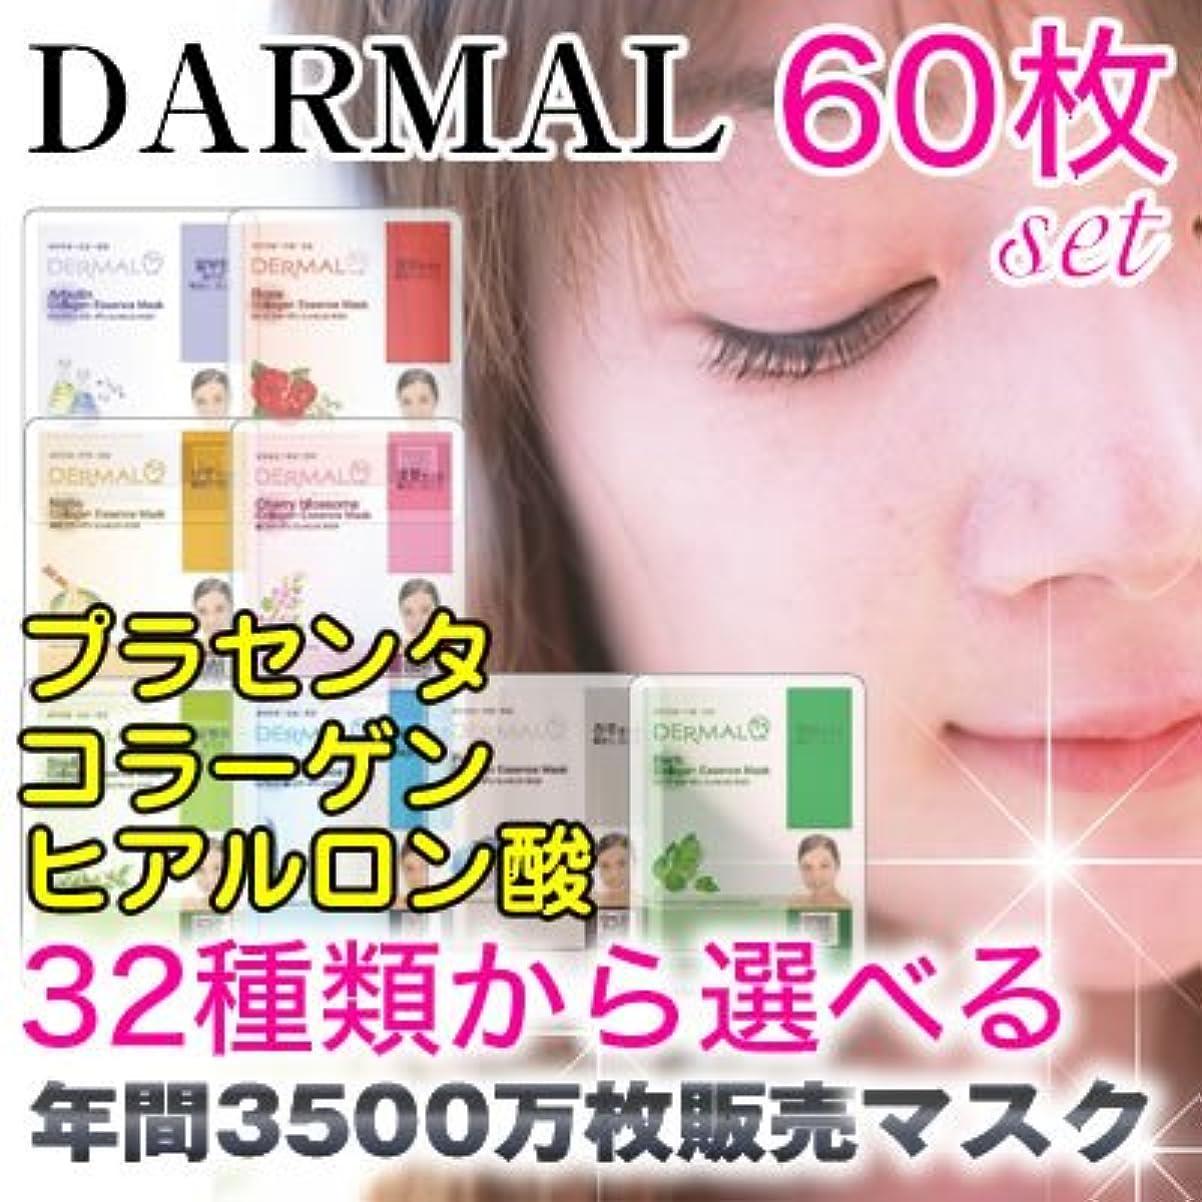 生産的あらゆる種類の繊細全37種類から選べる60枚セットダーマル DERMALエッセンスマスク